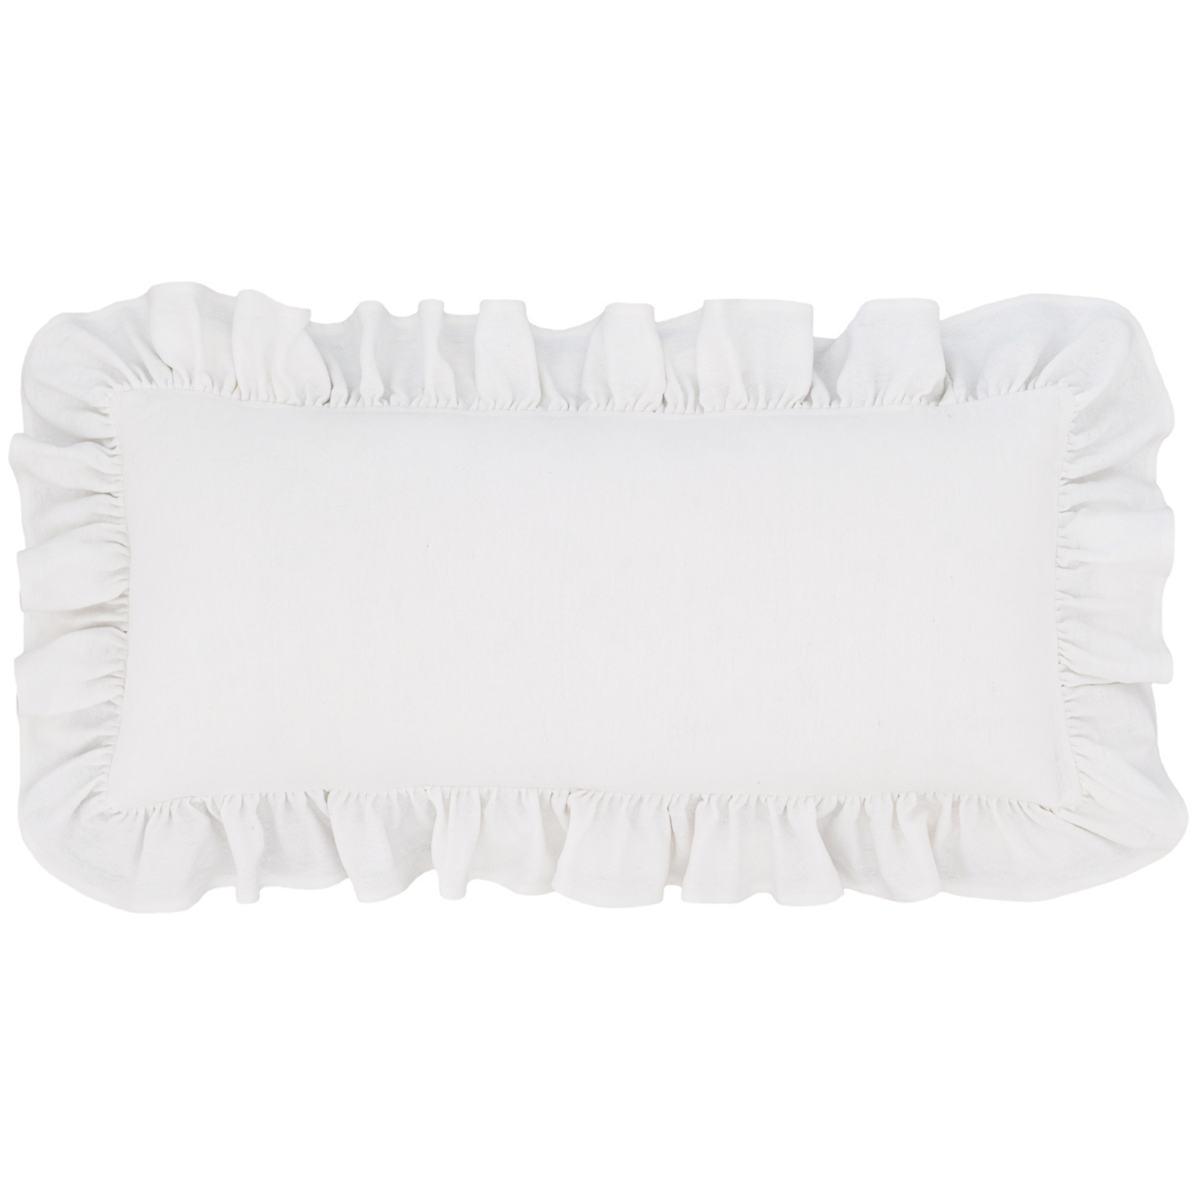 Wilton White Cotton Decorative Pillow